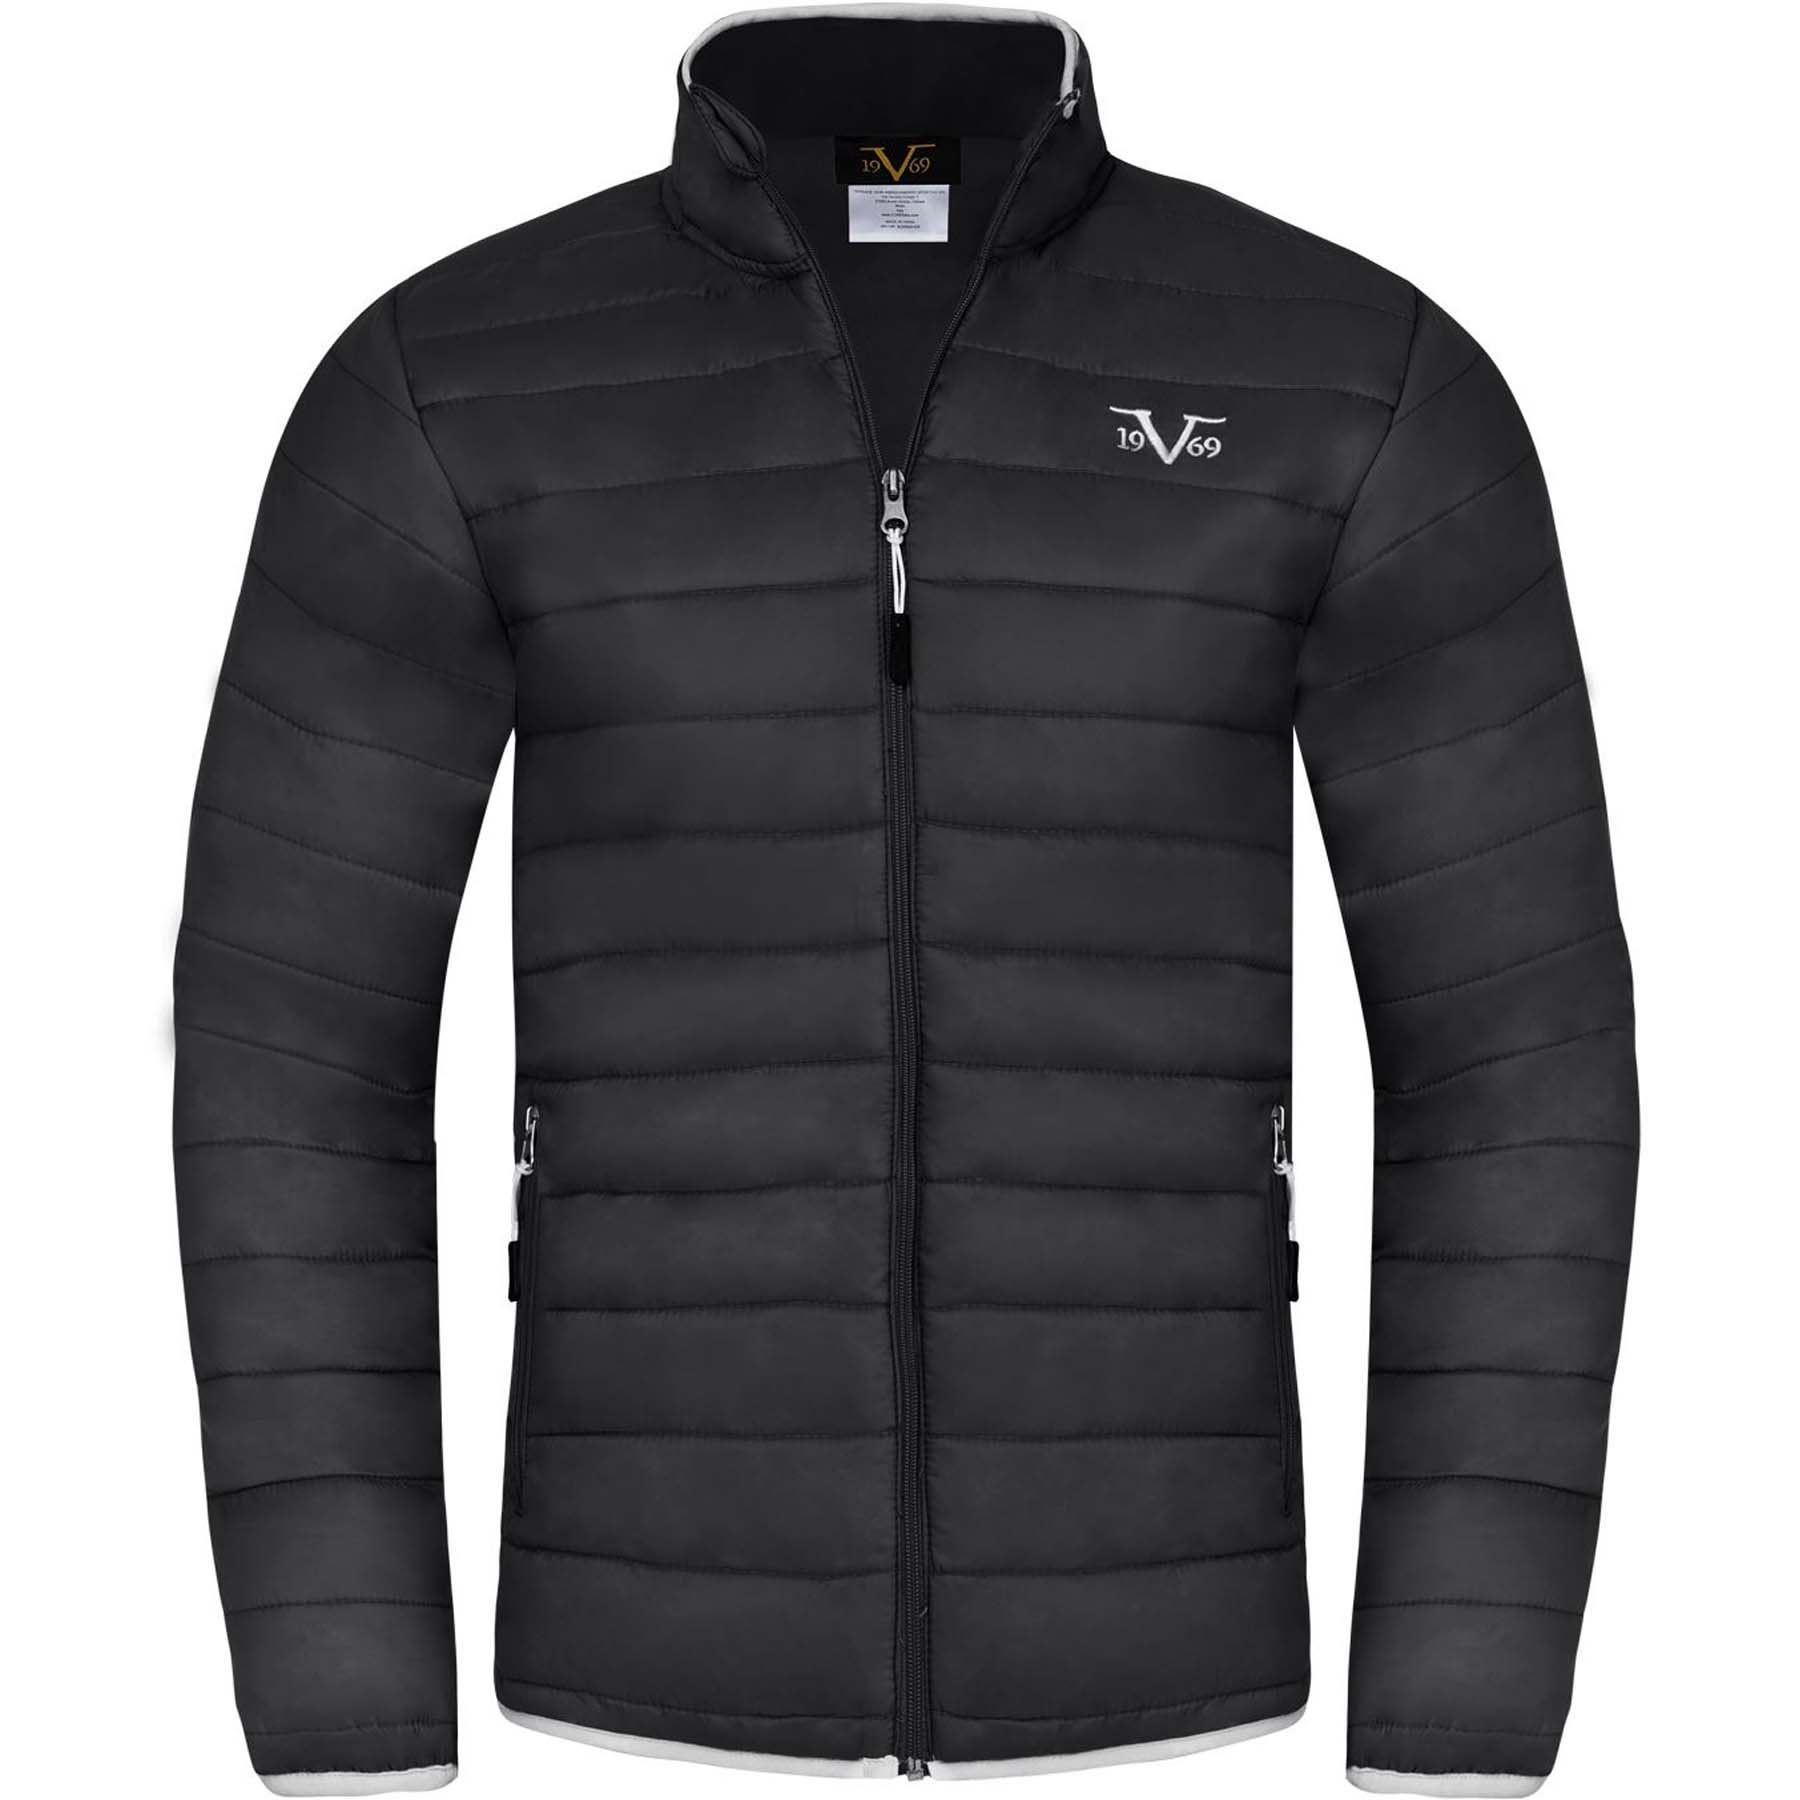 d6ce608e 19V69 winter jacket men M black